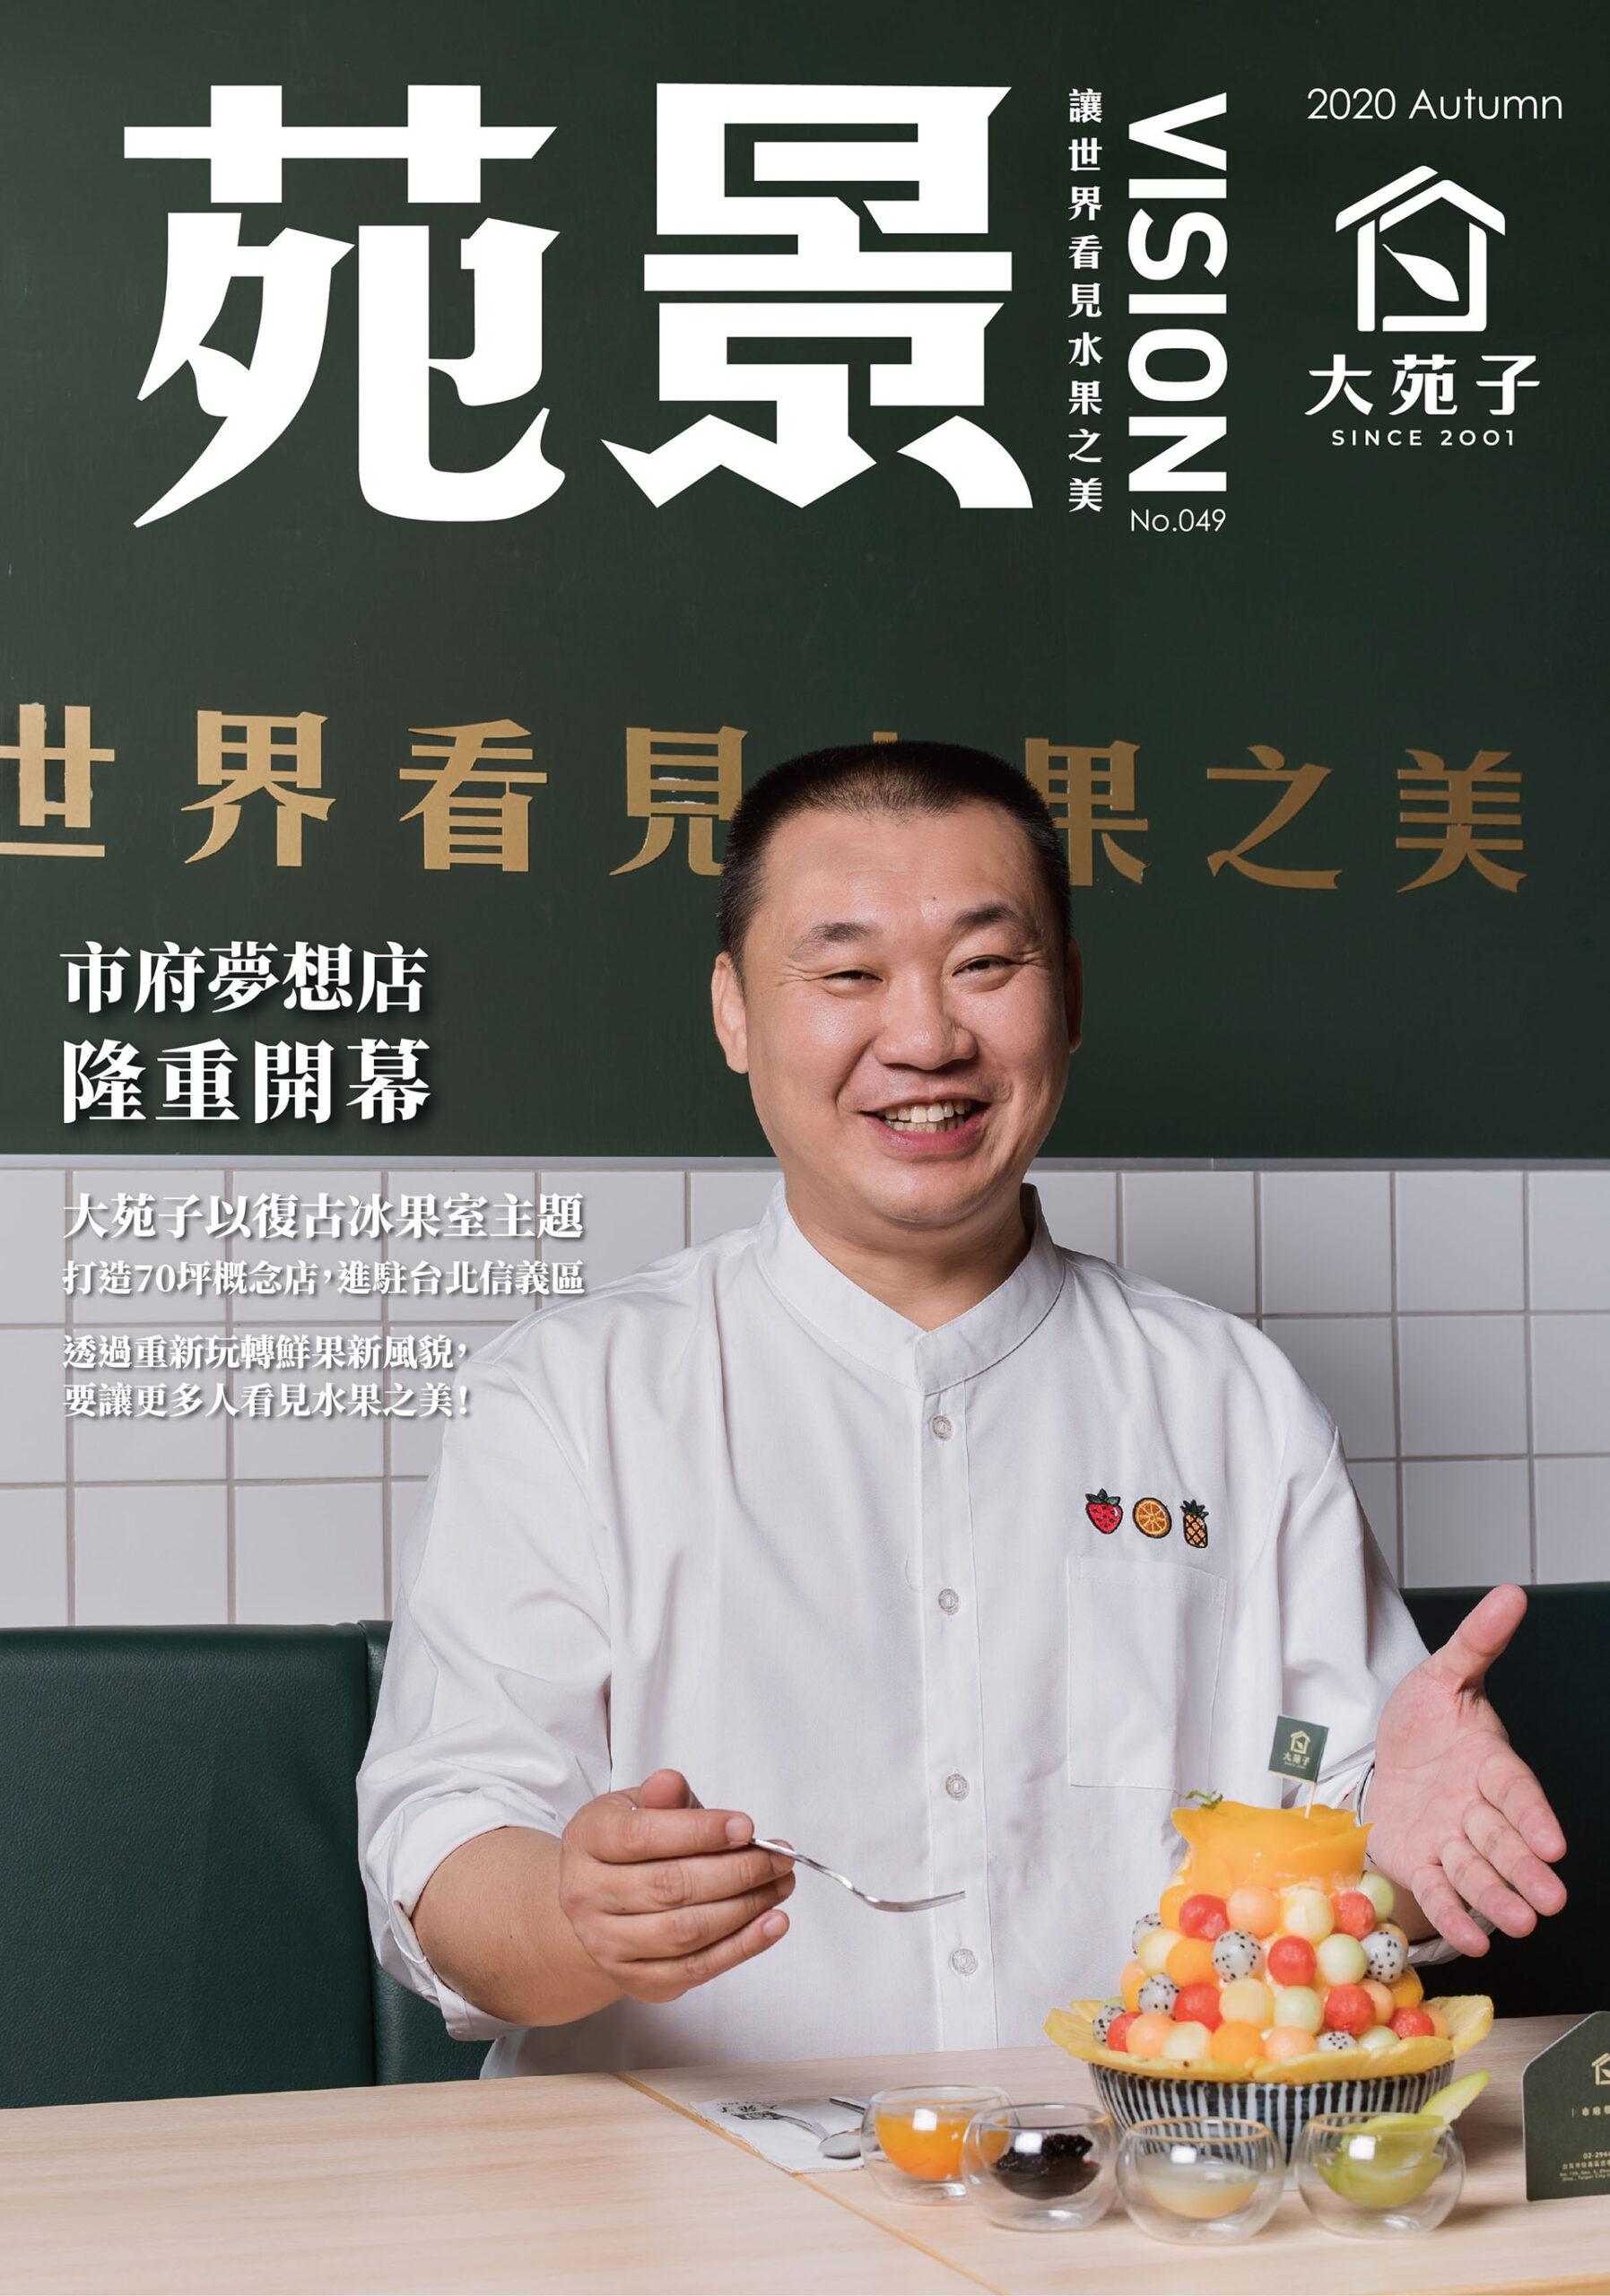 大苑子市府夢想店7月隆重開幕!【苑景季刊-2020_NO.49】